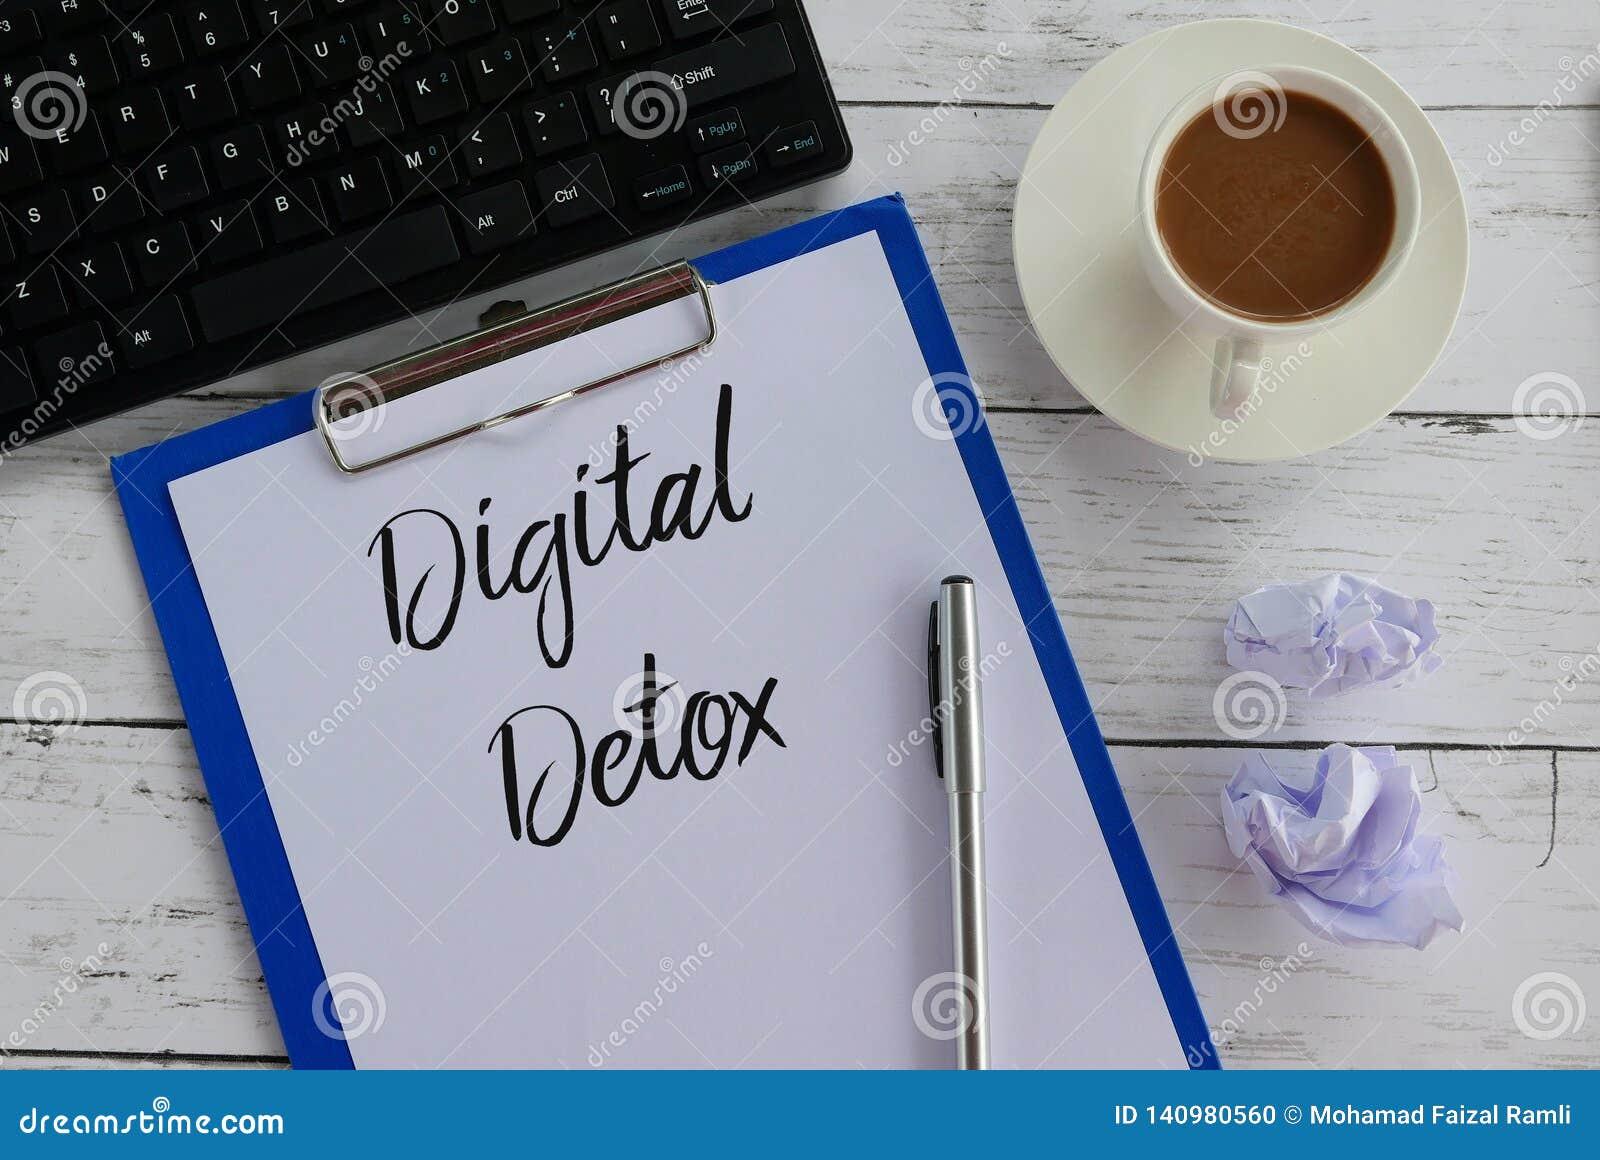 键盘、垃圾纸、咖啡、剪贴板、笔和纸顶视图写与数字戒毒所